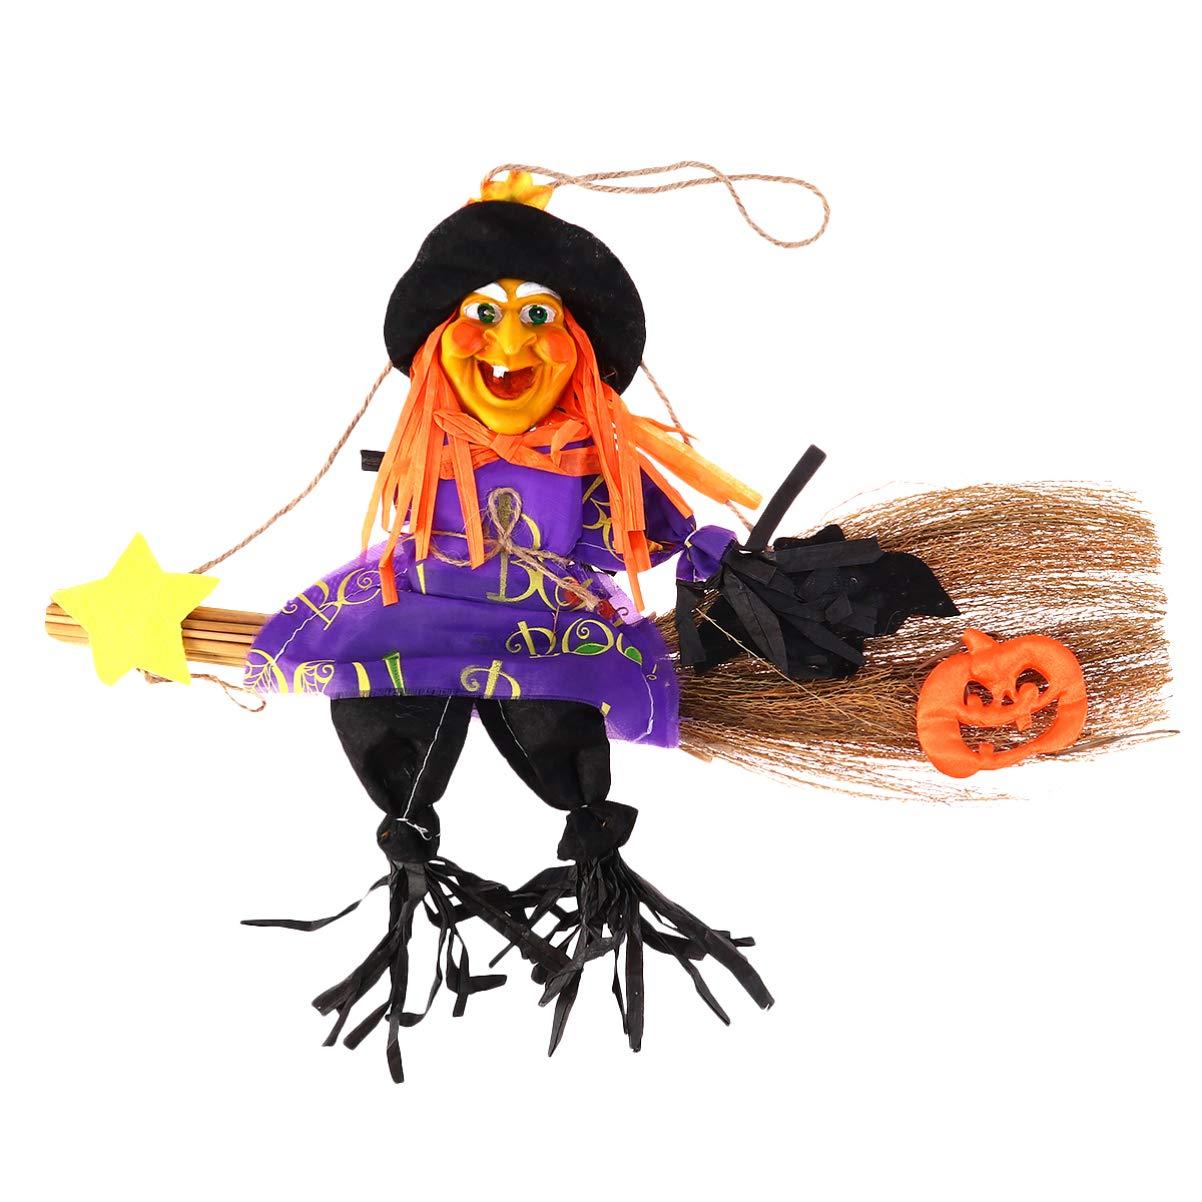 Amosfun Escoba de Bruja de Halloween decoraci/ón Escoba de Paja Adorno Colgante Fiesta de Halloween decoraci/ón Colgante Suministros